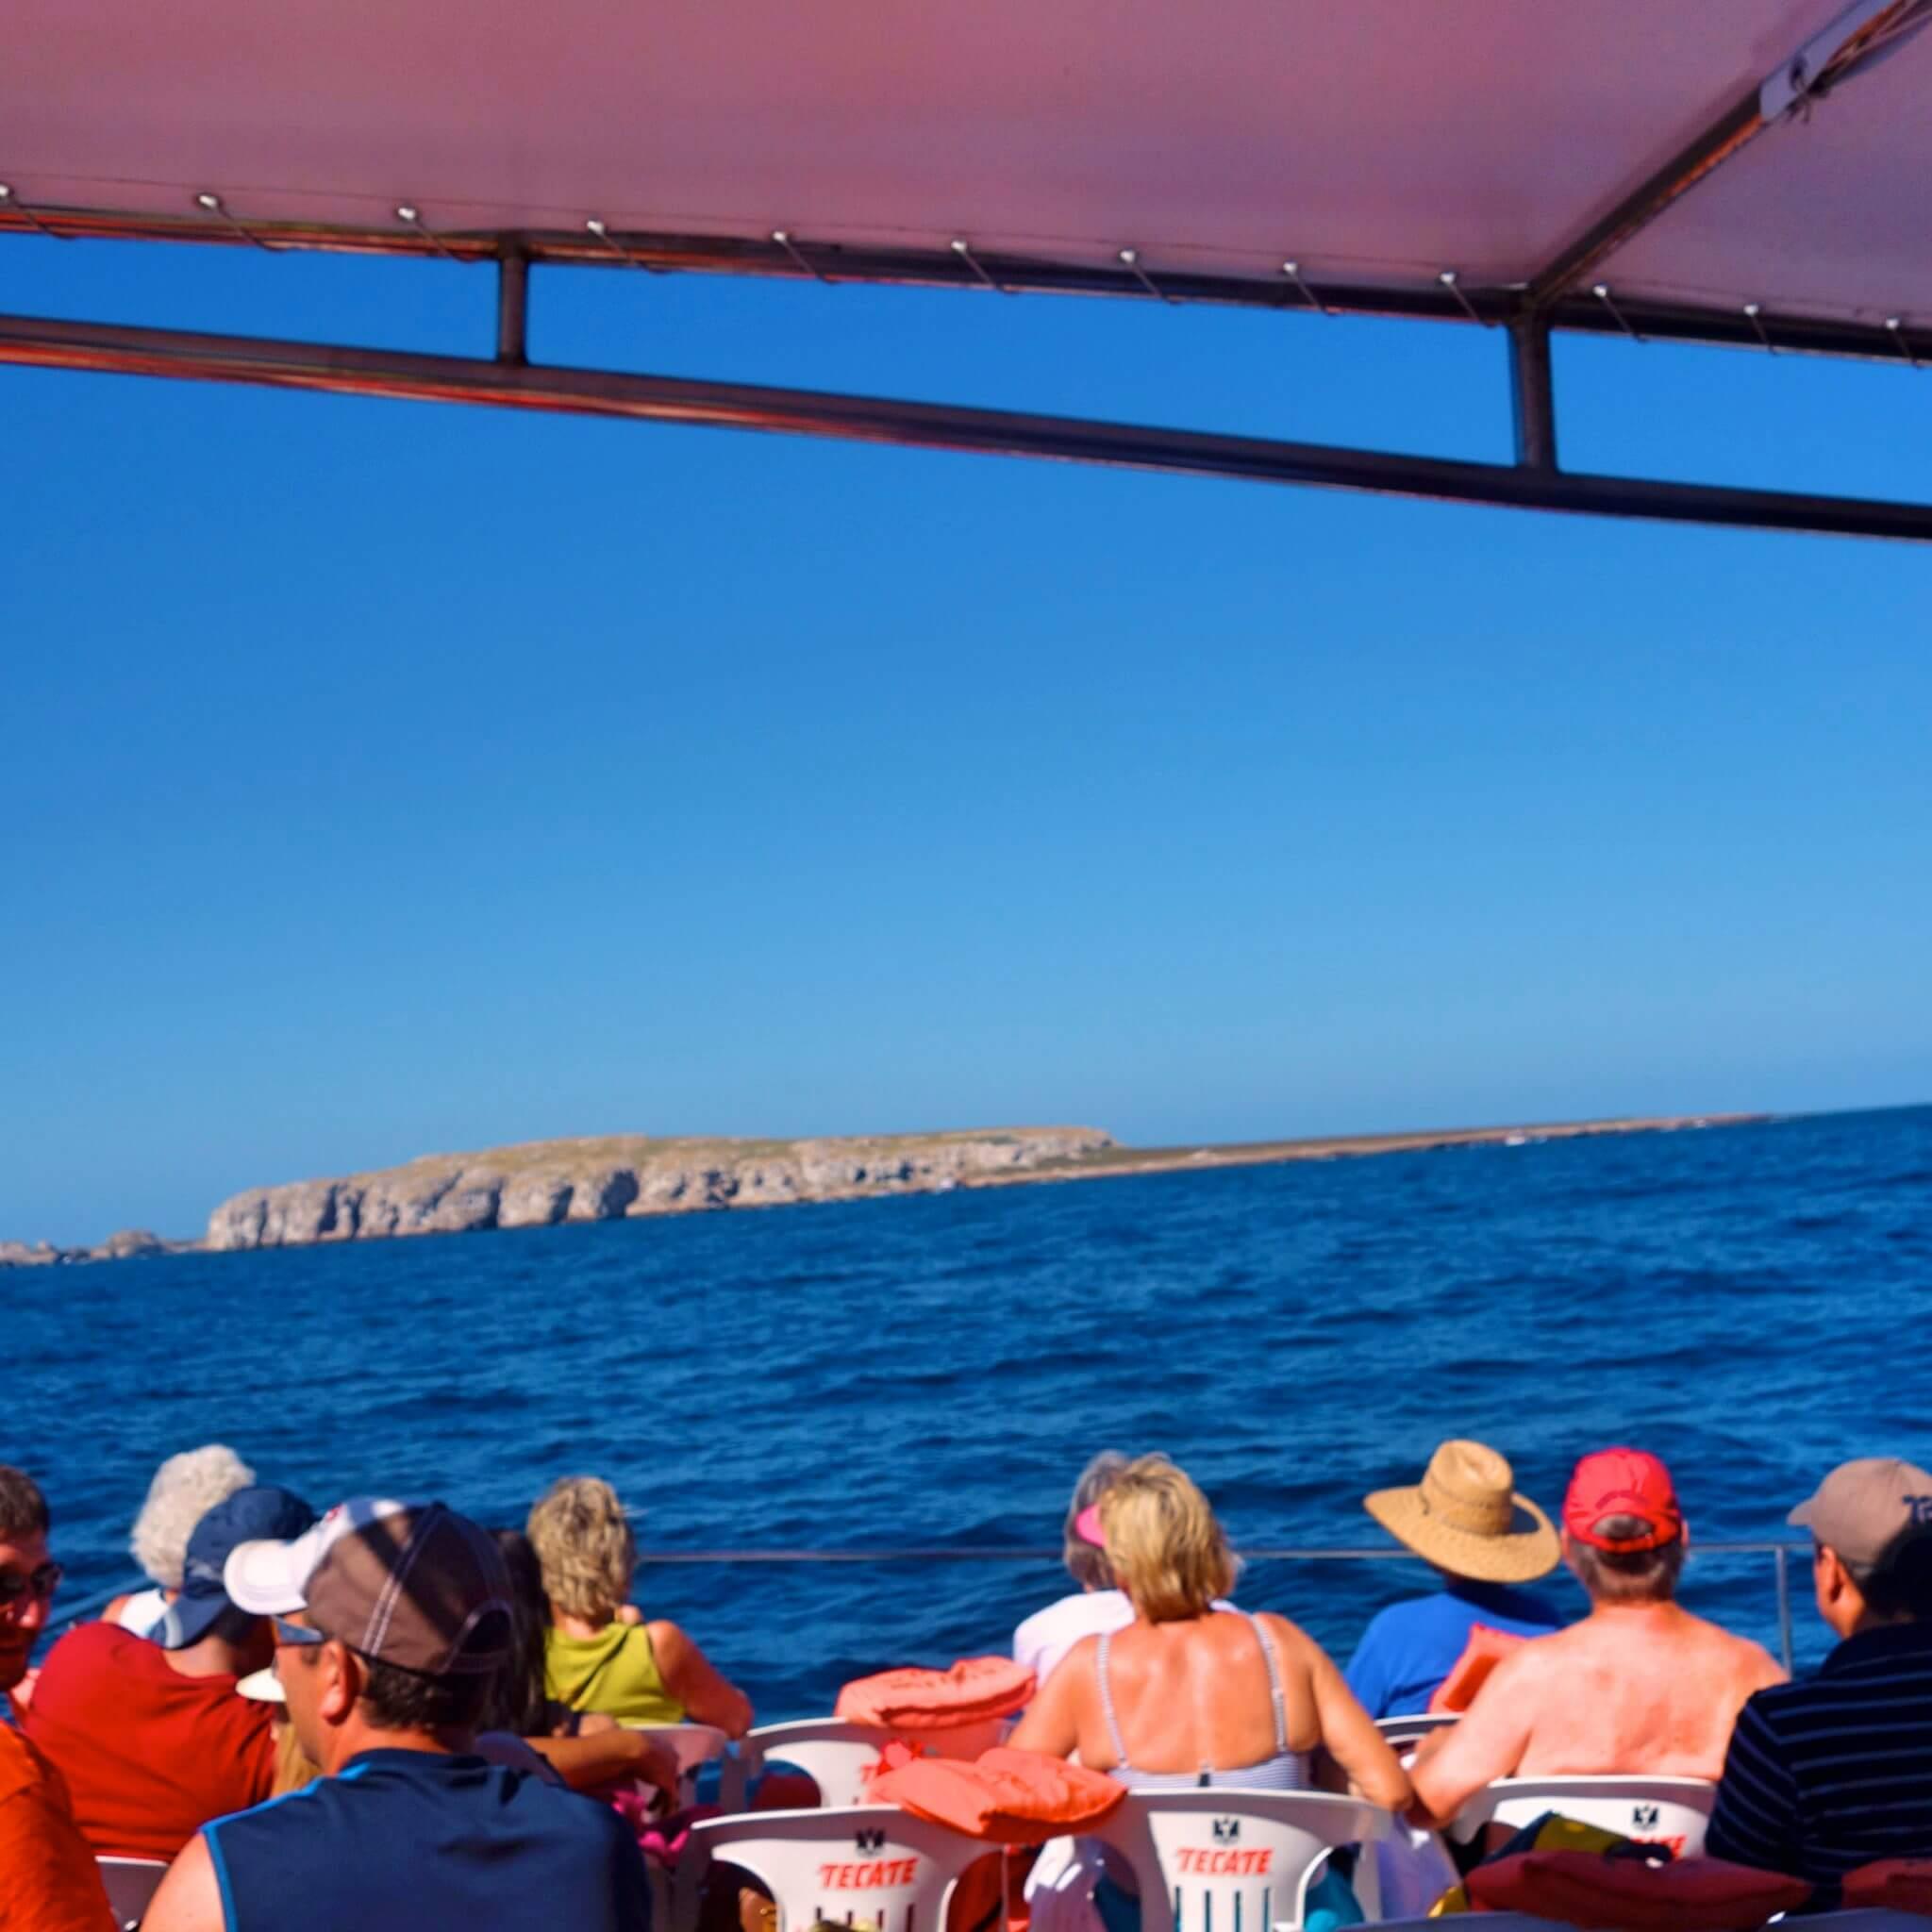 紅の豚。マリエータ諸島(プラヤデルアモール)上陸!絶景ポイントまでの泳ぎ方⁉︎